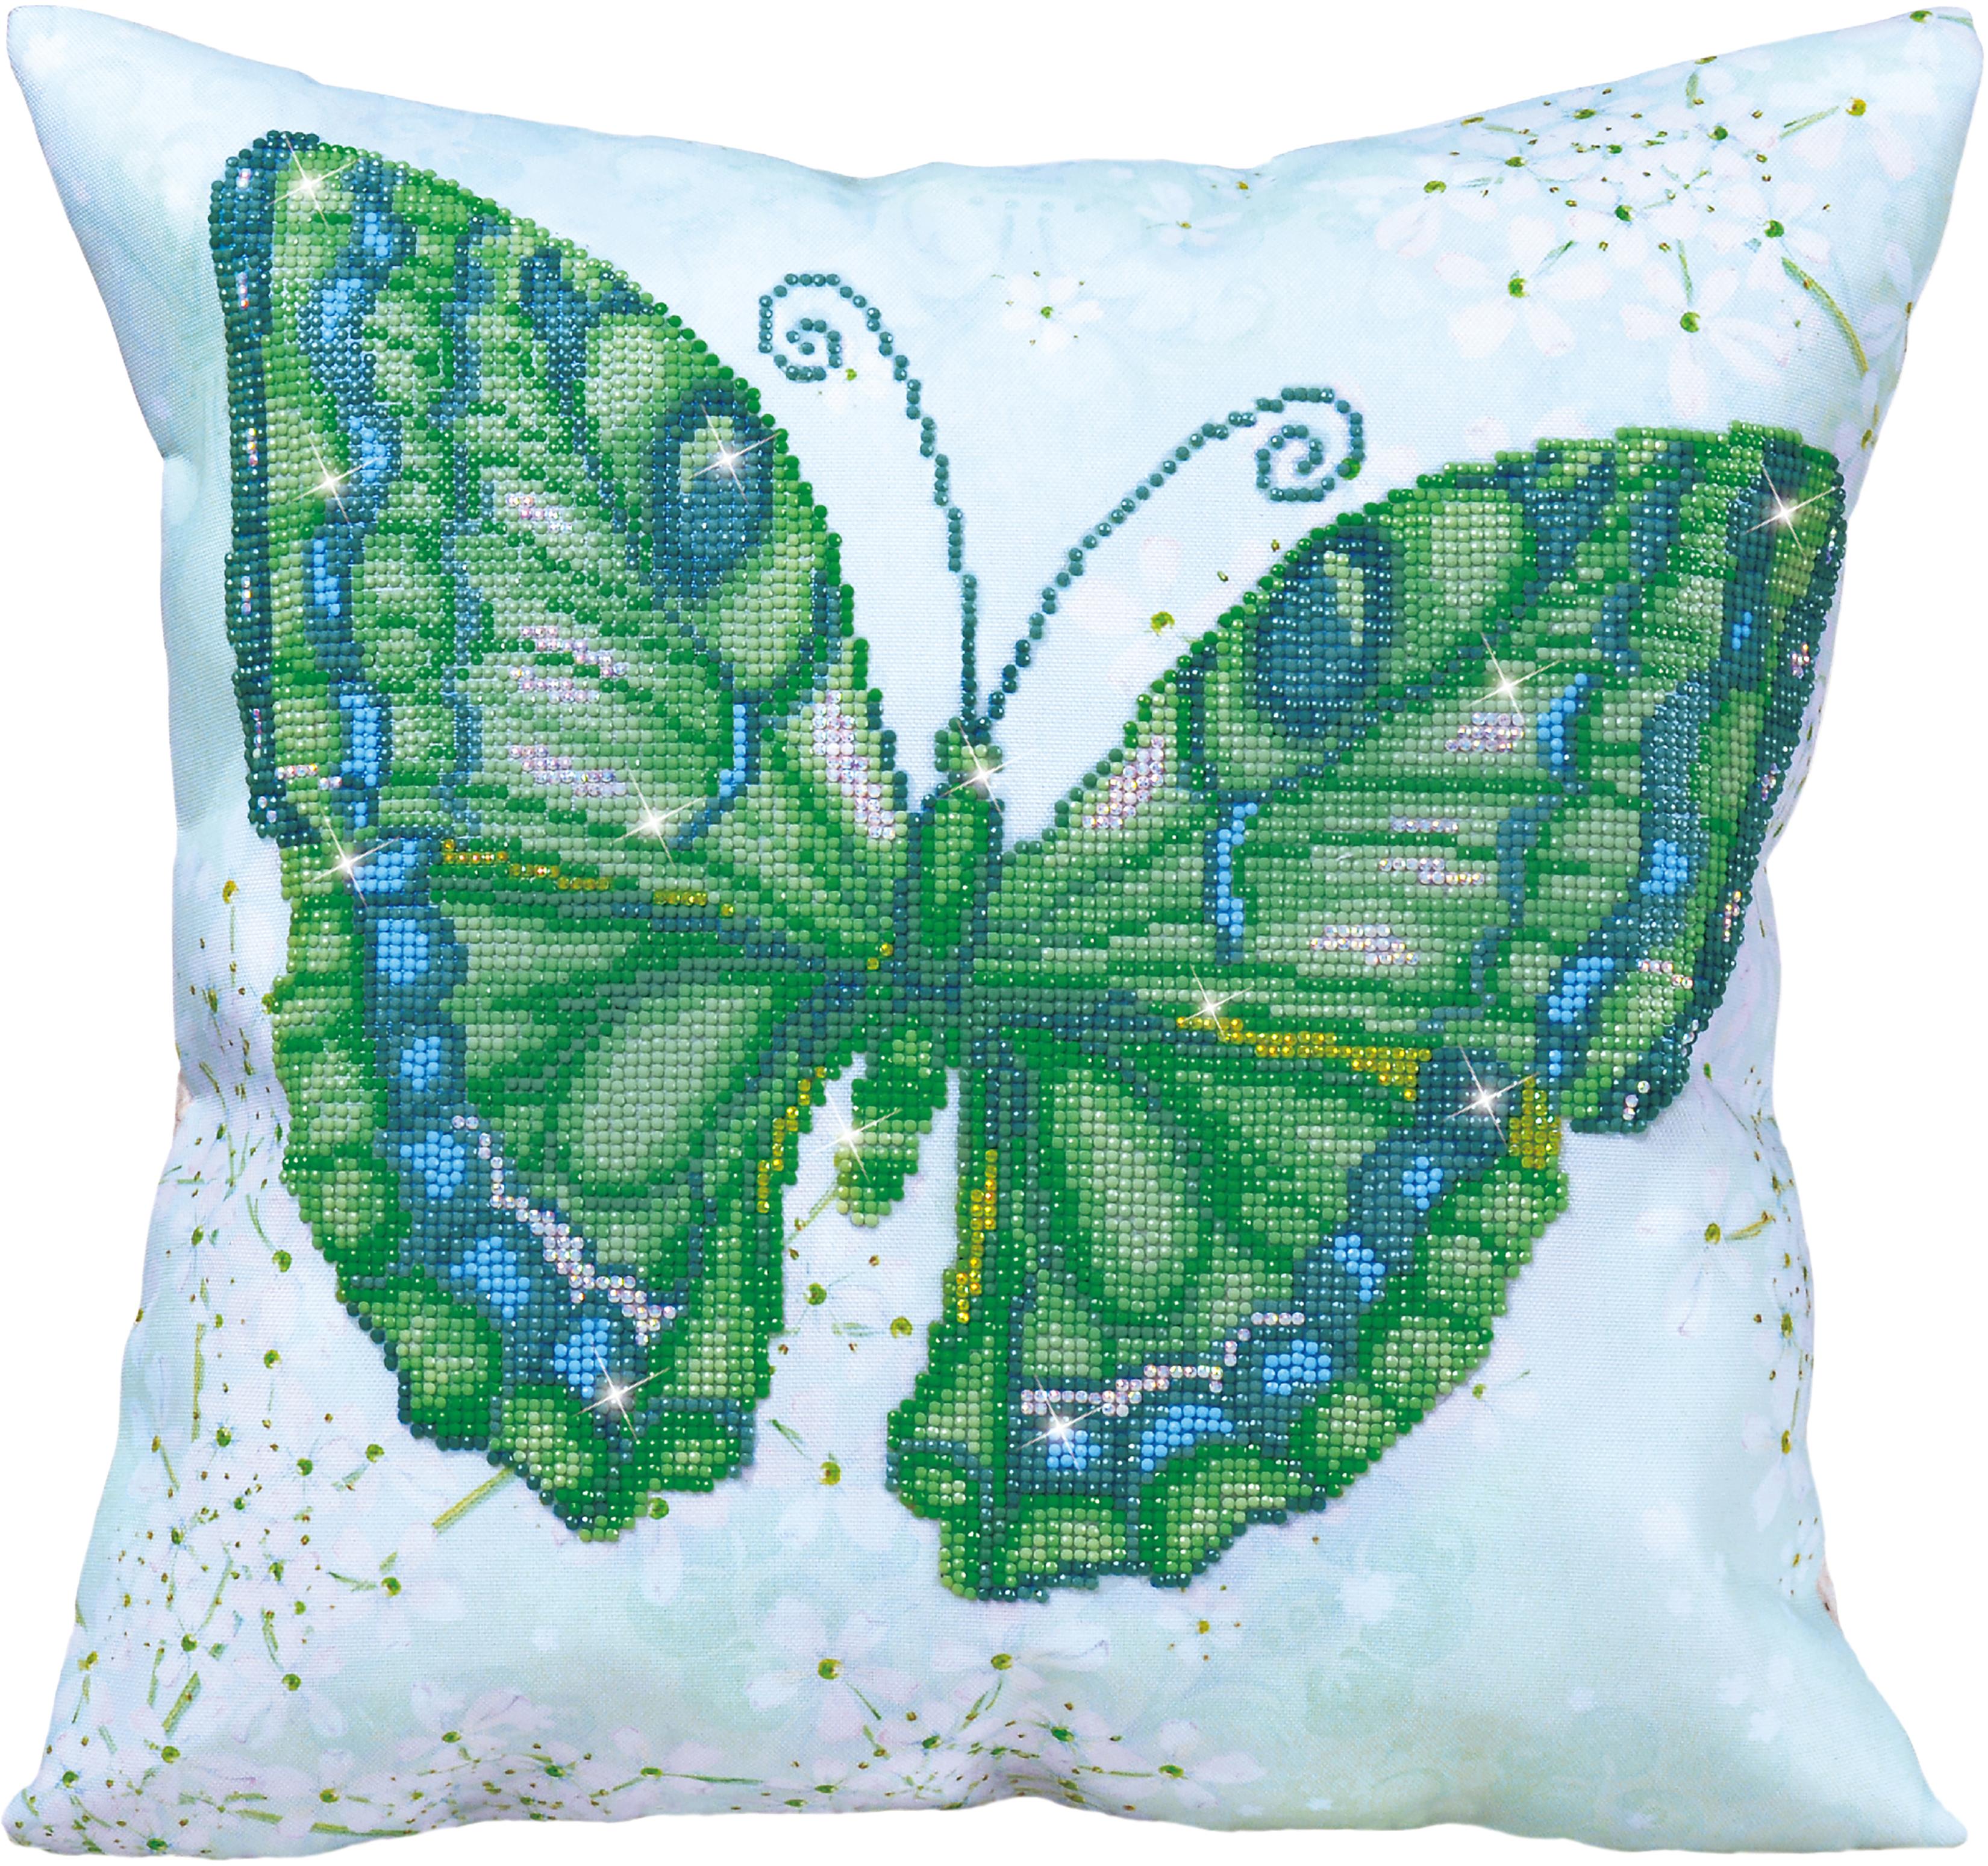 Diamond Dotz Diamond Embroidery Pillow Facet Art Kit-Green Flutter 17.5X17.5